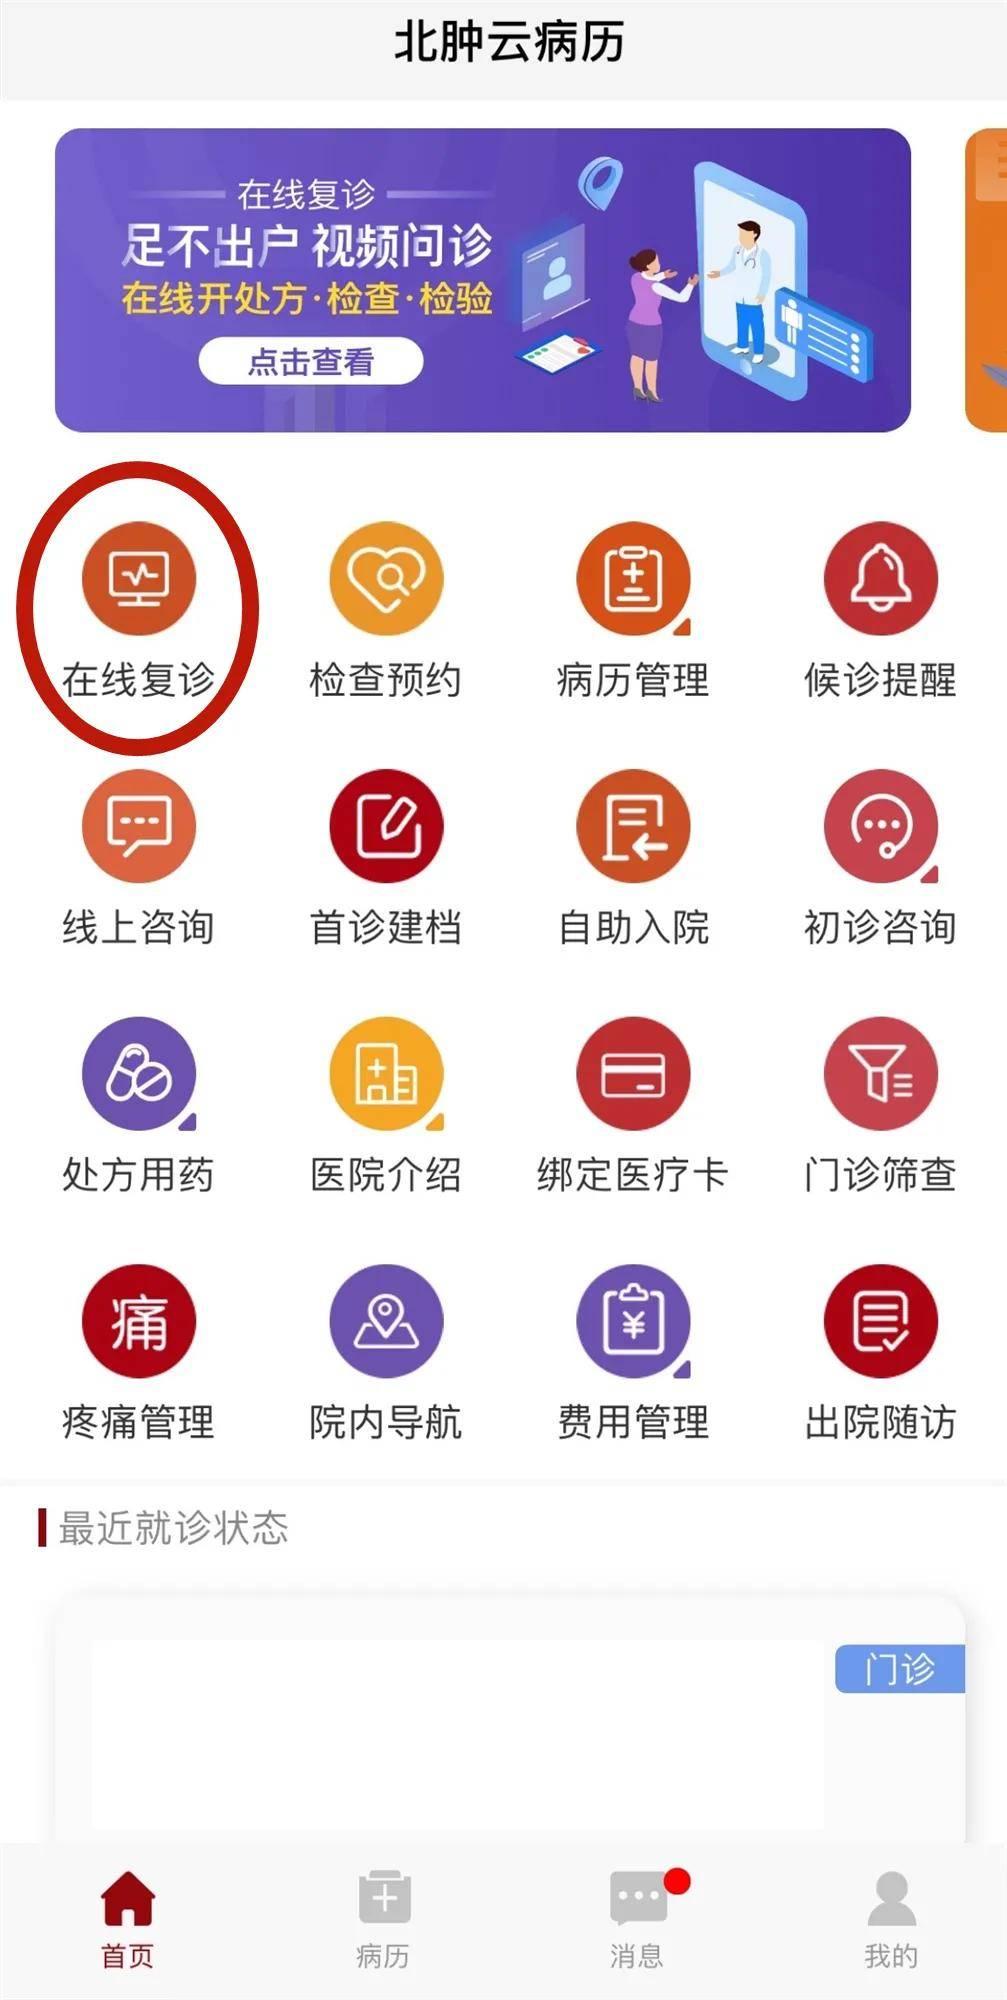 就医帮 | 北京大学肿瘤医院:足不出户,互联网诊疗药品可快递到家